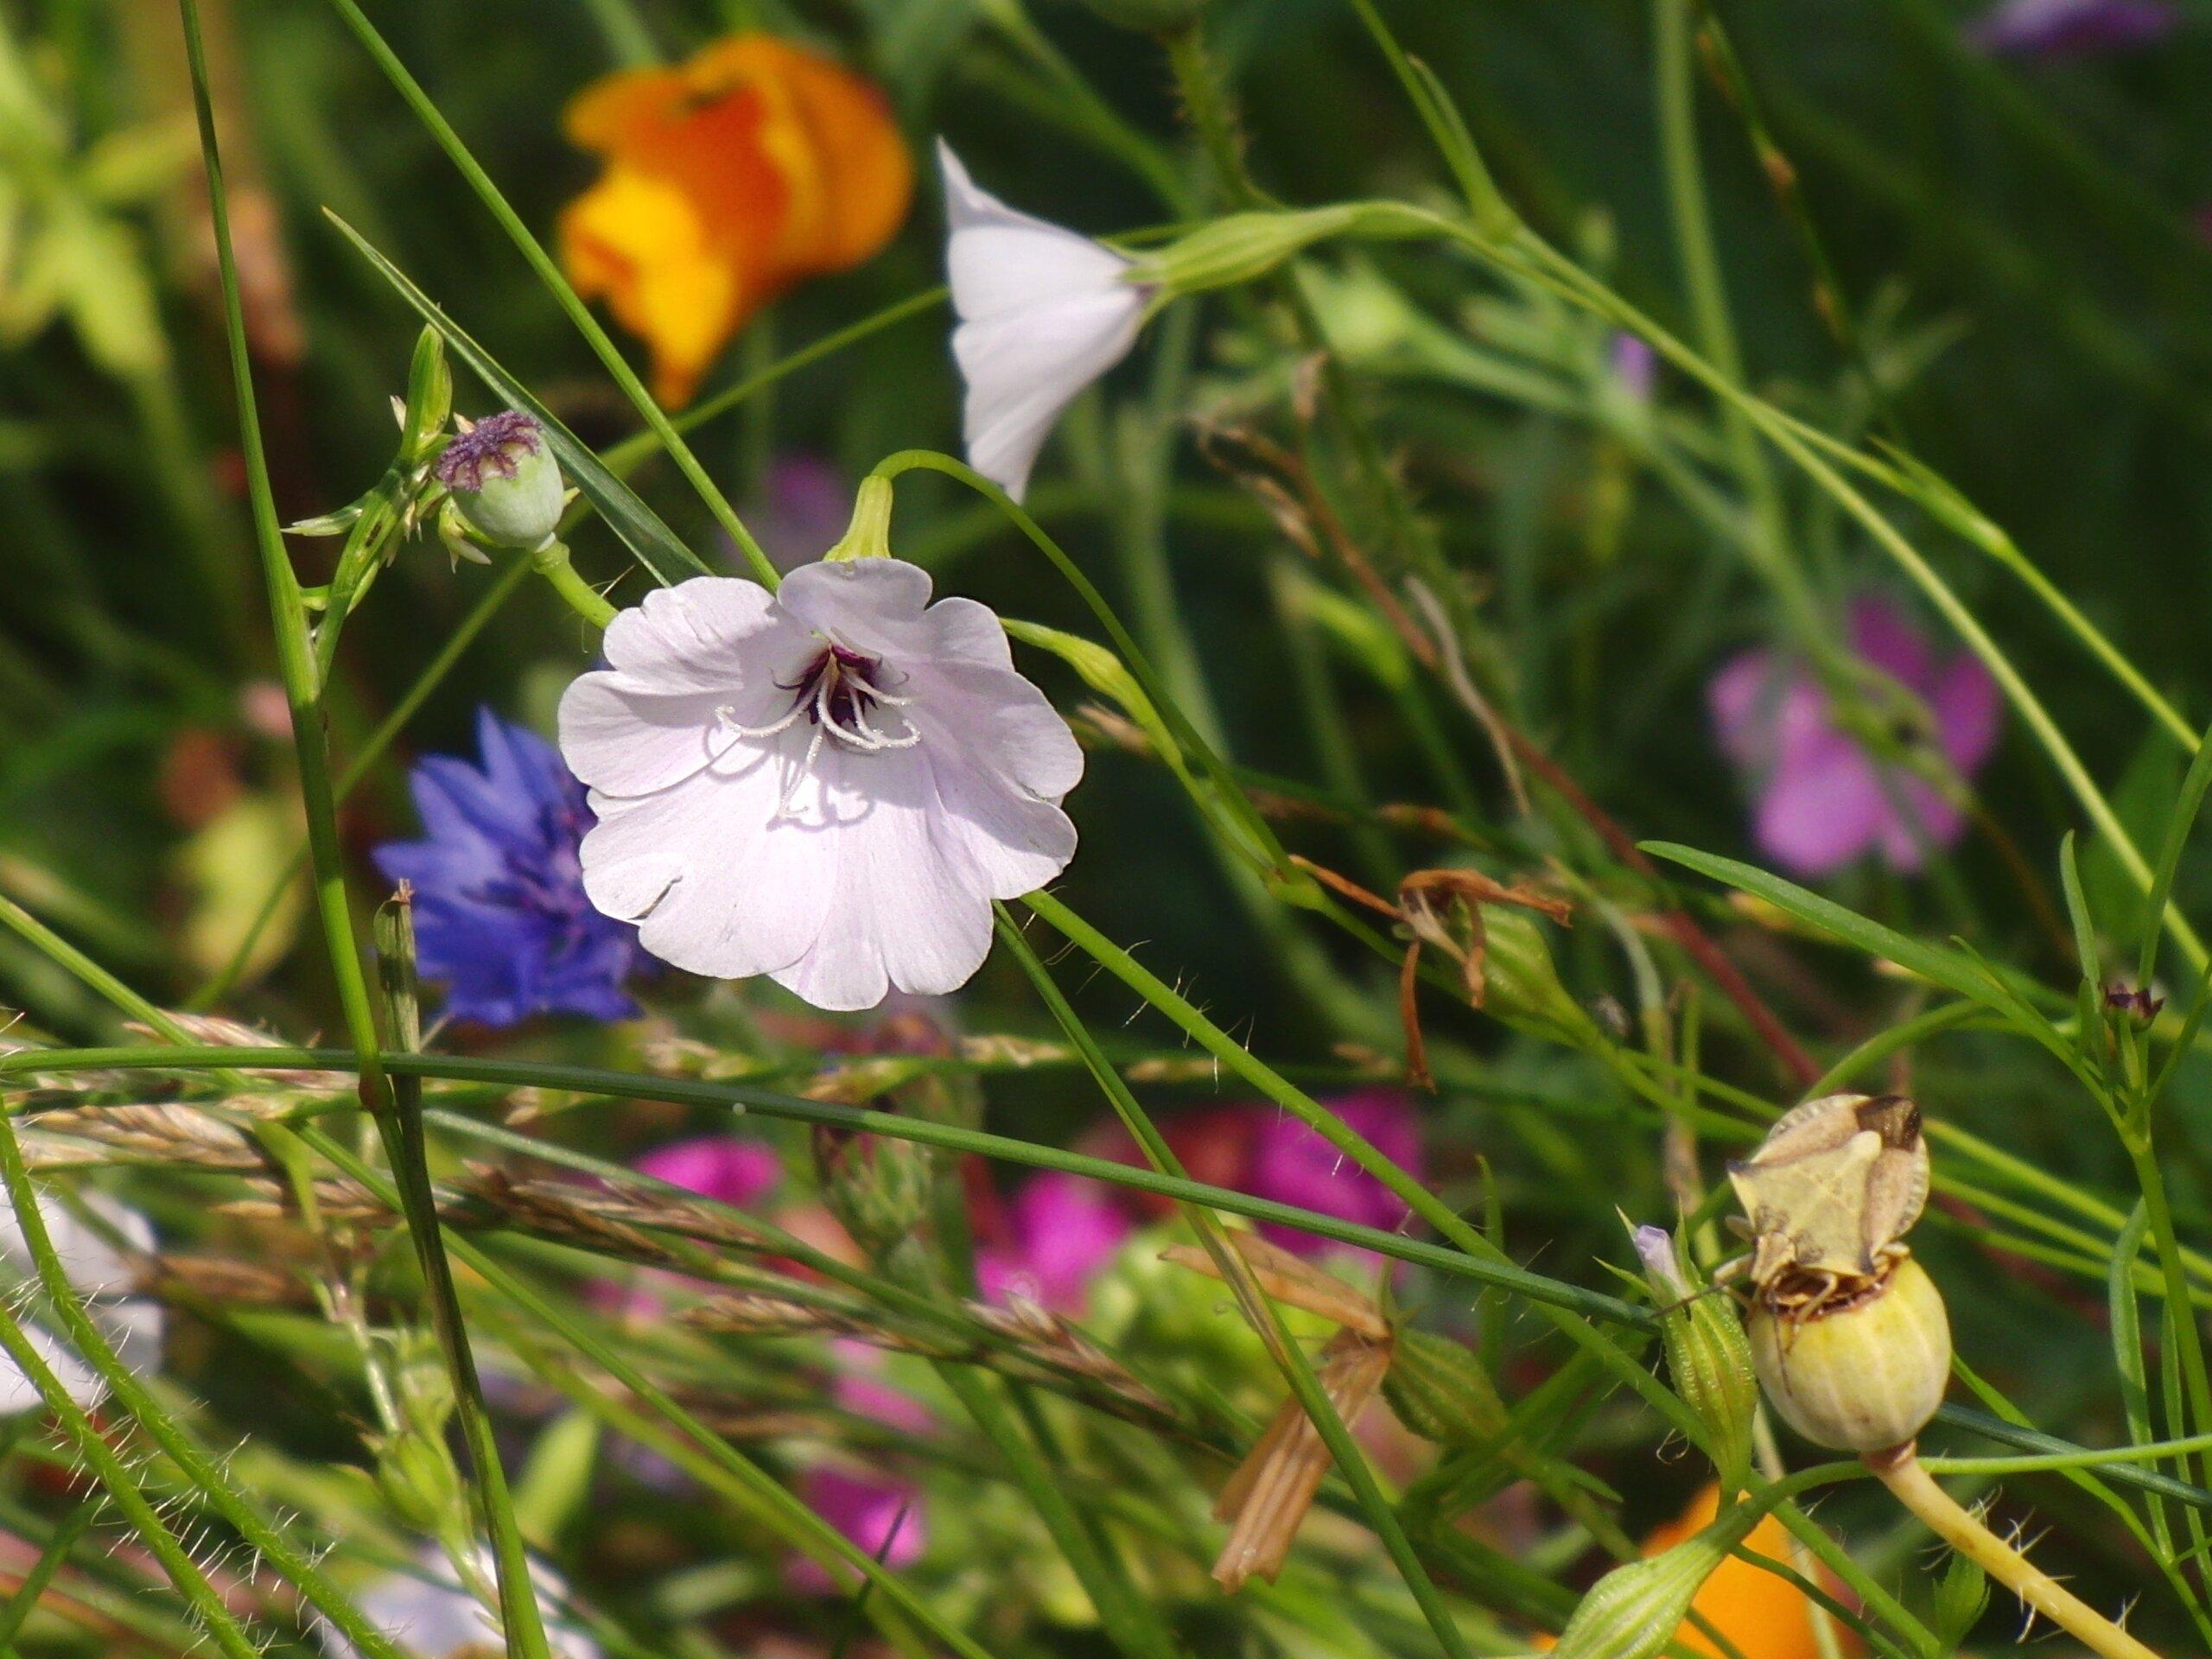 Blumenwiese_von_alsterkoralle-Pixabay